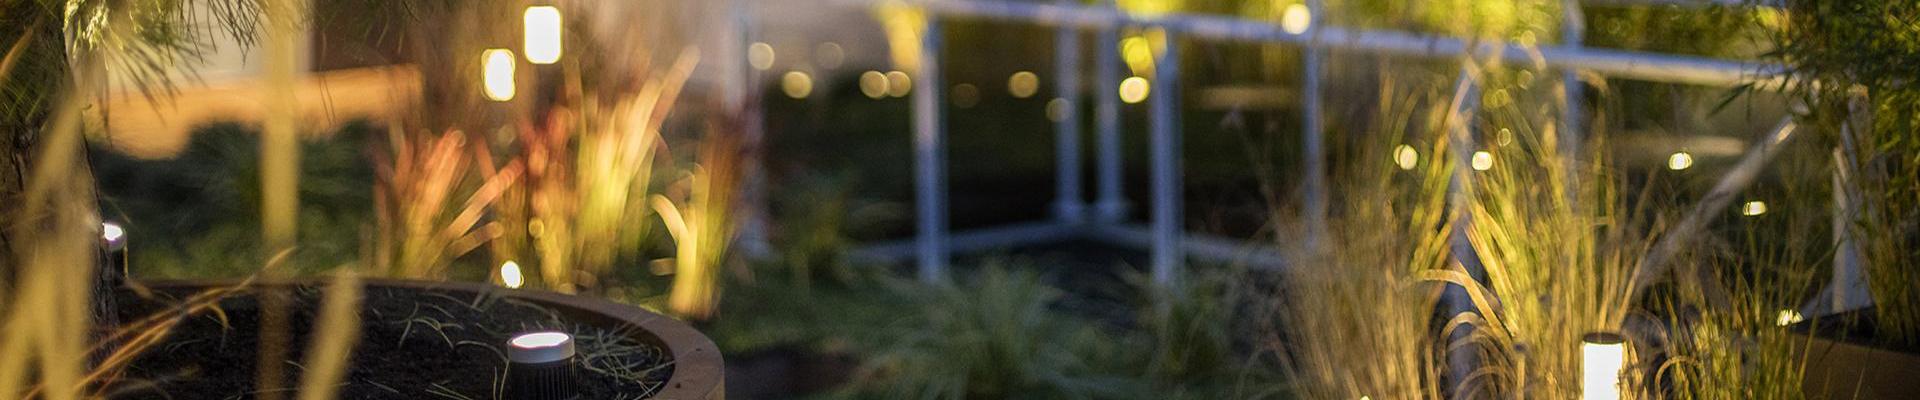 tuinverlichting advies